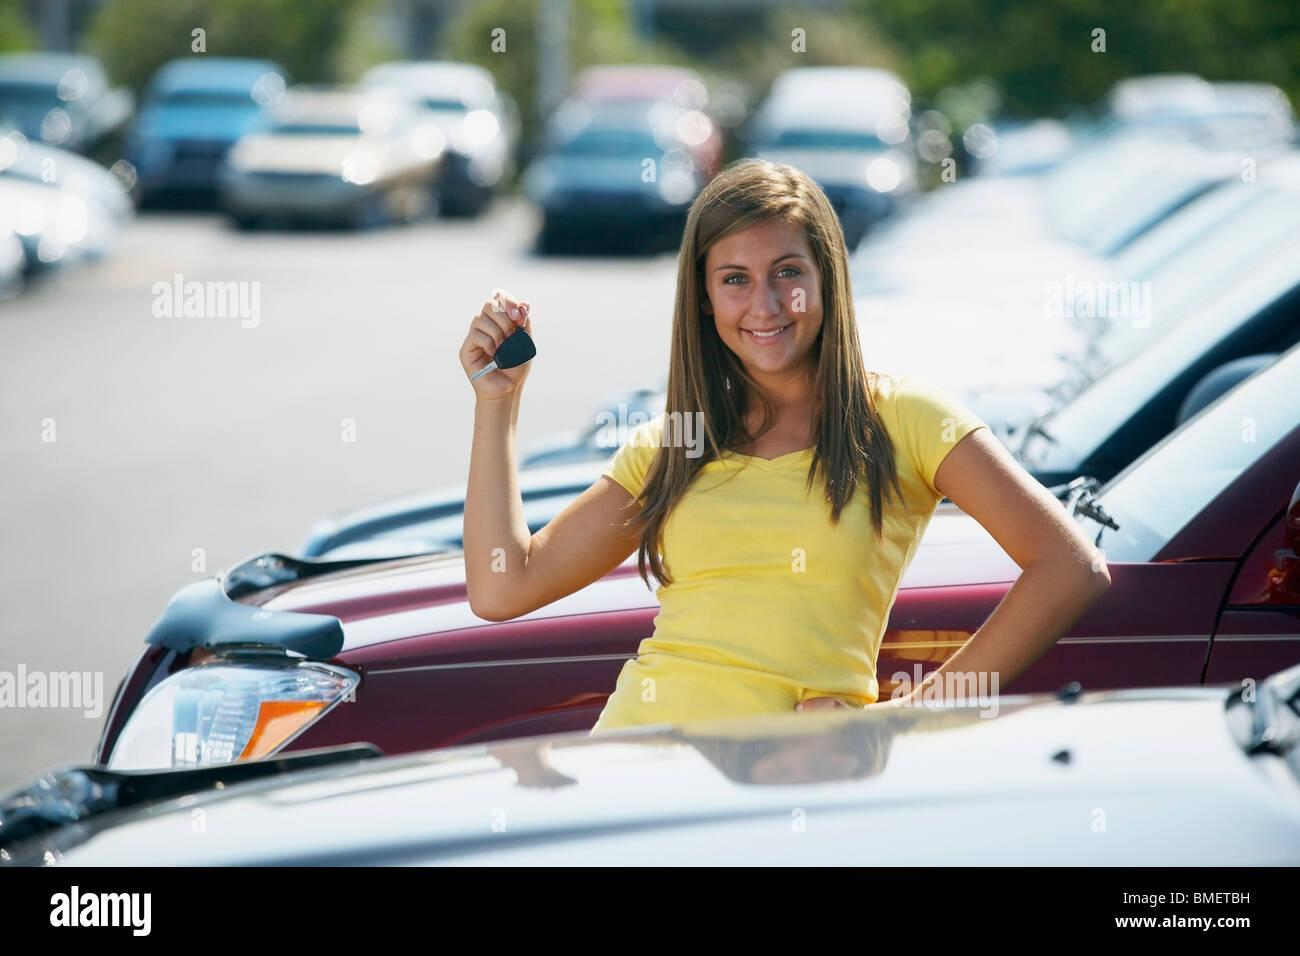 Eine junge Frau mit Tasten, um ein Fahrzeug In einem Autohaus Stockbild